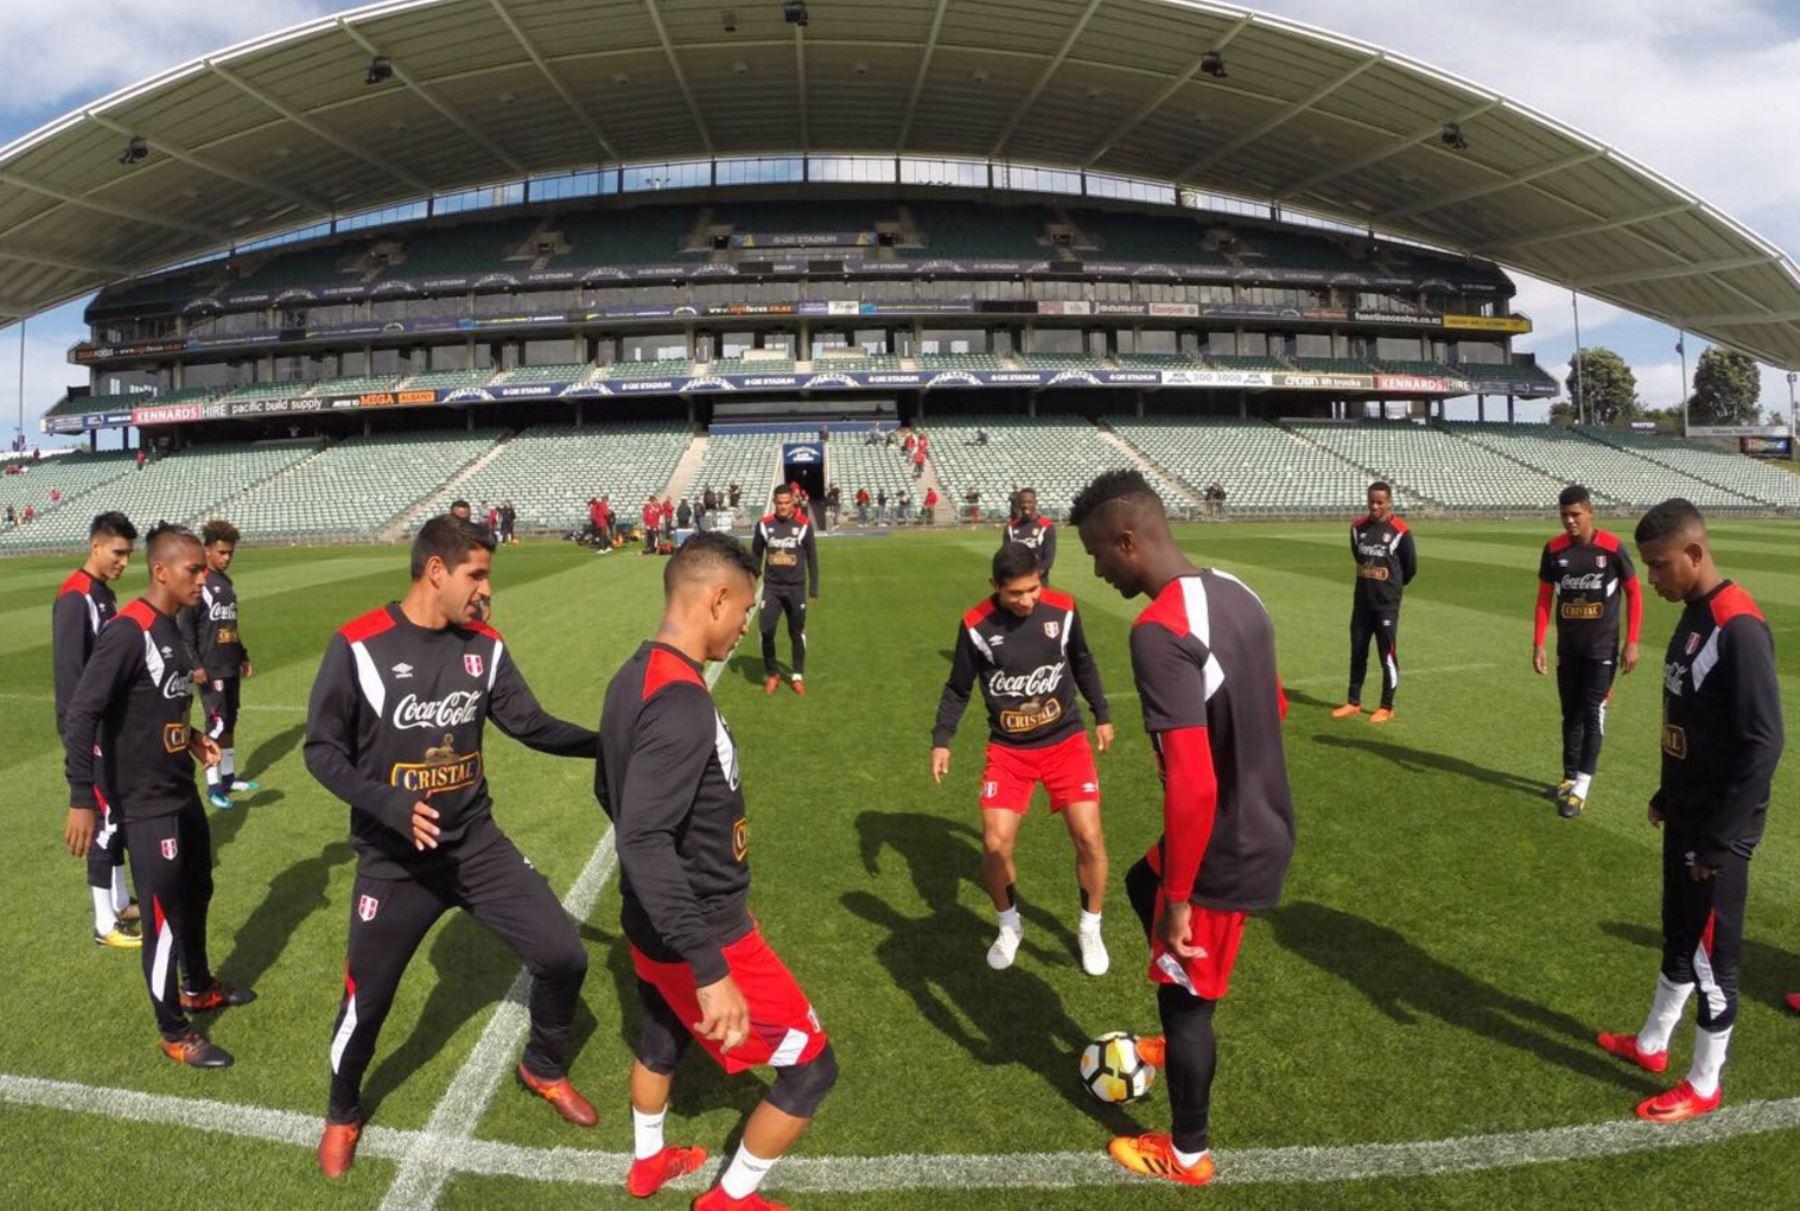 Selección peruana entrena en el QBE Stadium con miras al partido ante Nueva Zelanda.Foto: ANDINA/ FPF